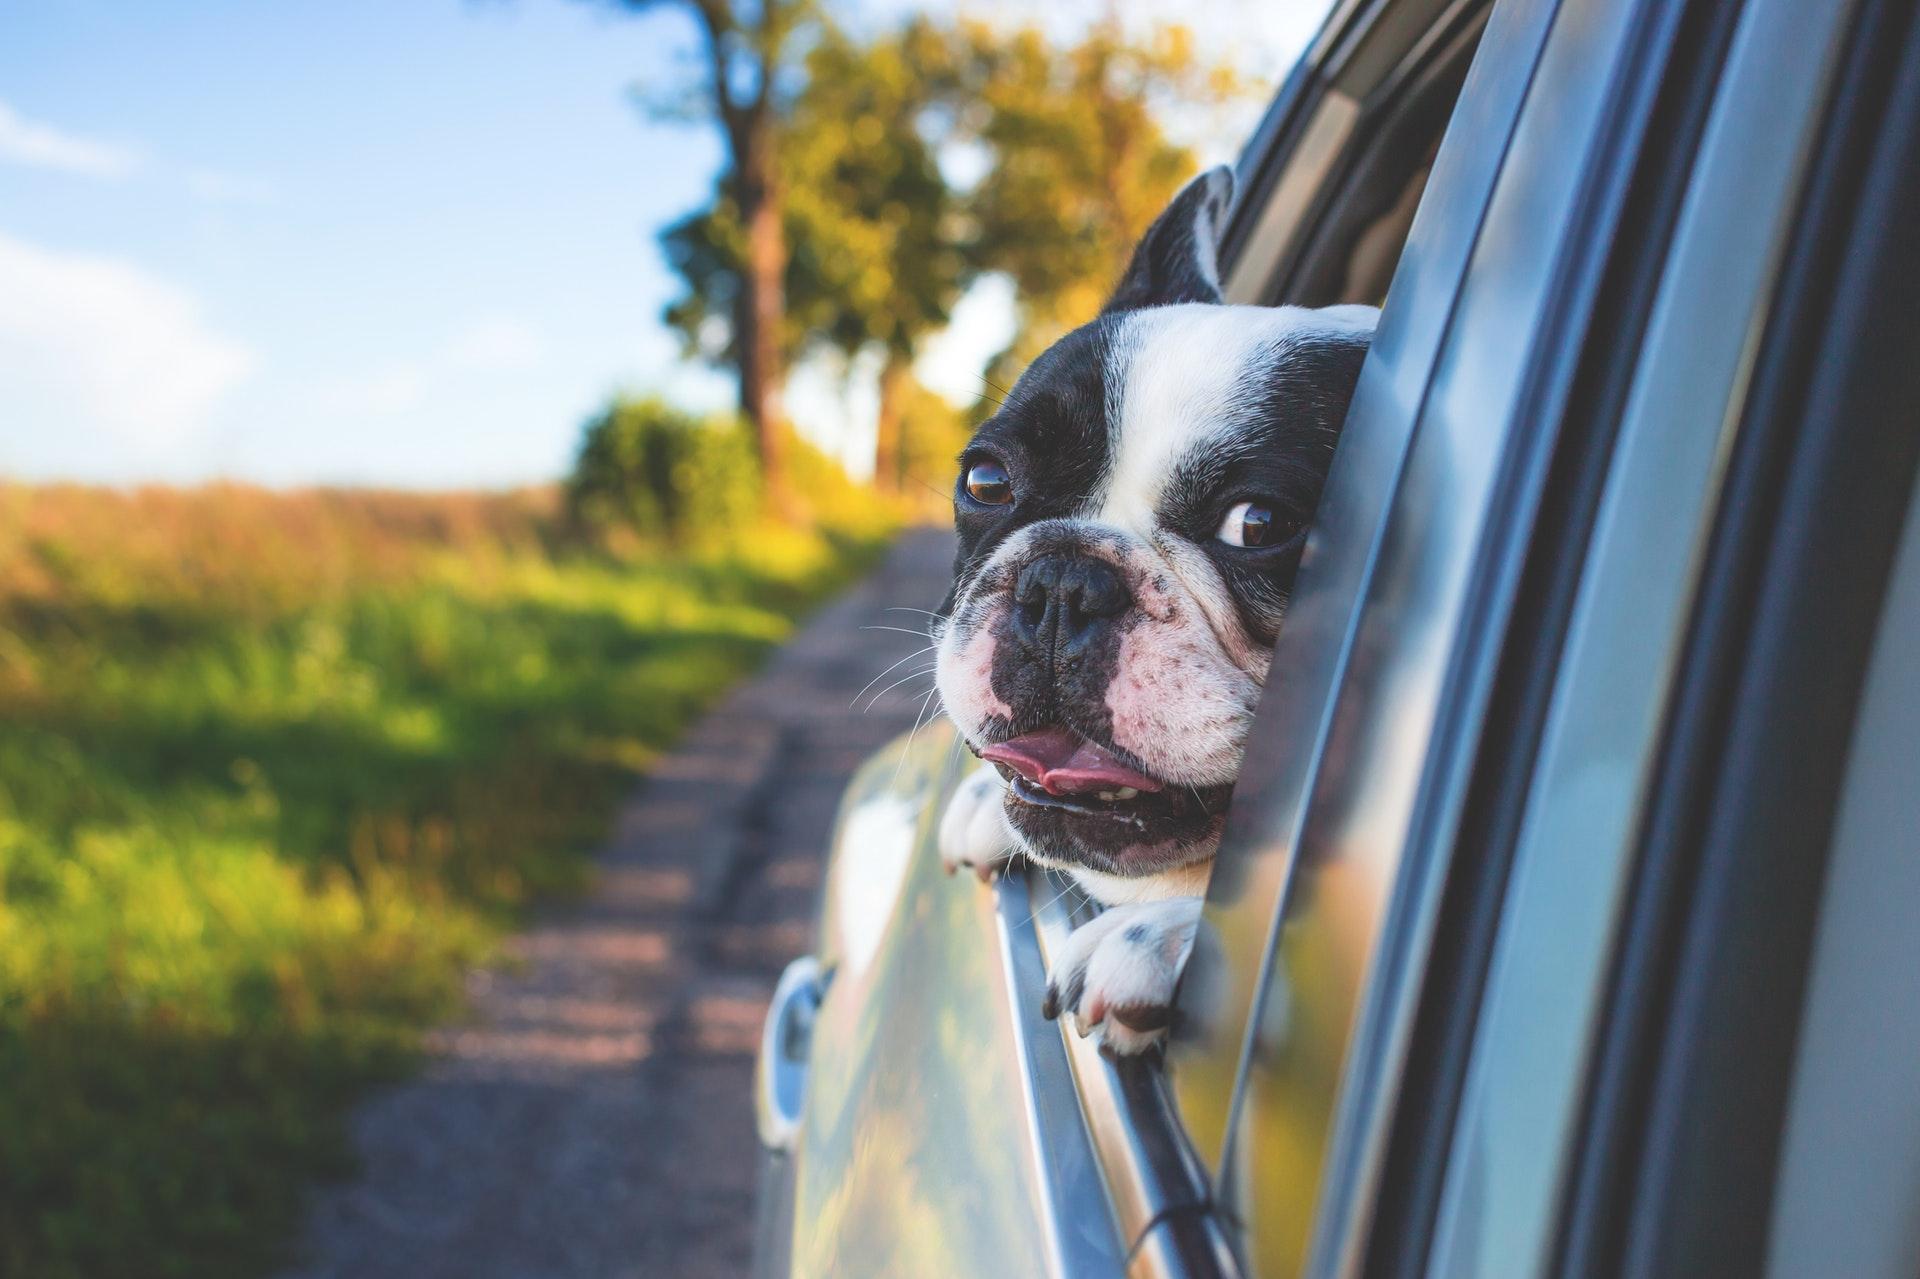 cachorro na janela do carro com cinto de segurança para cachorro